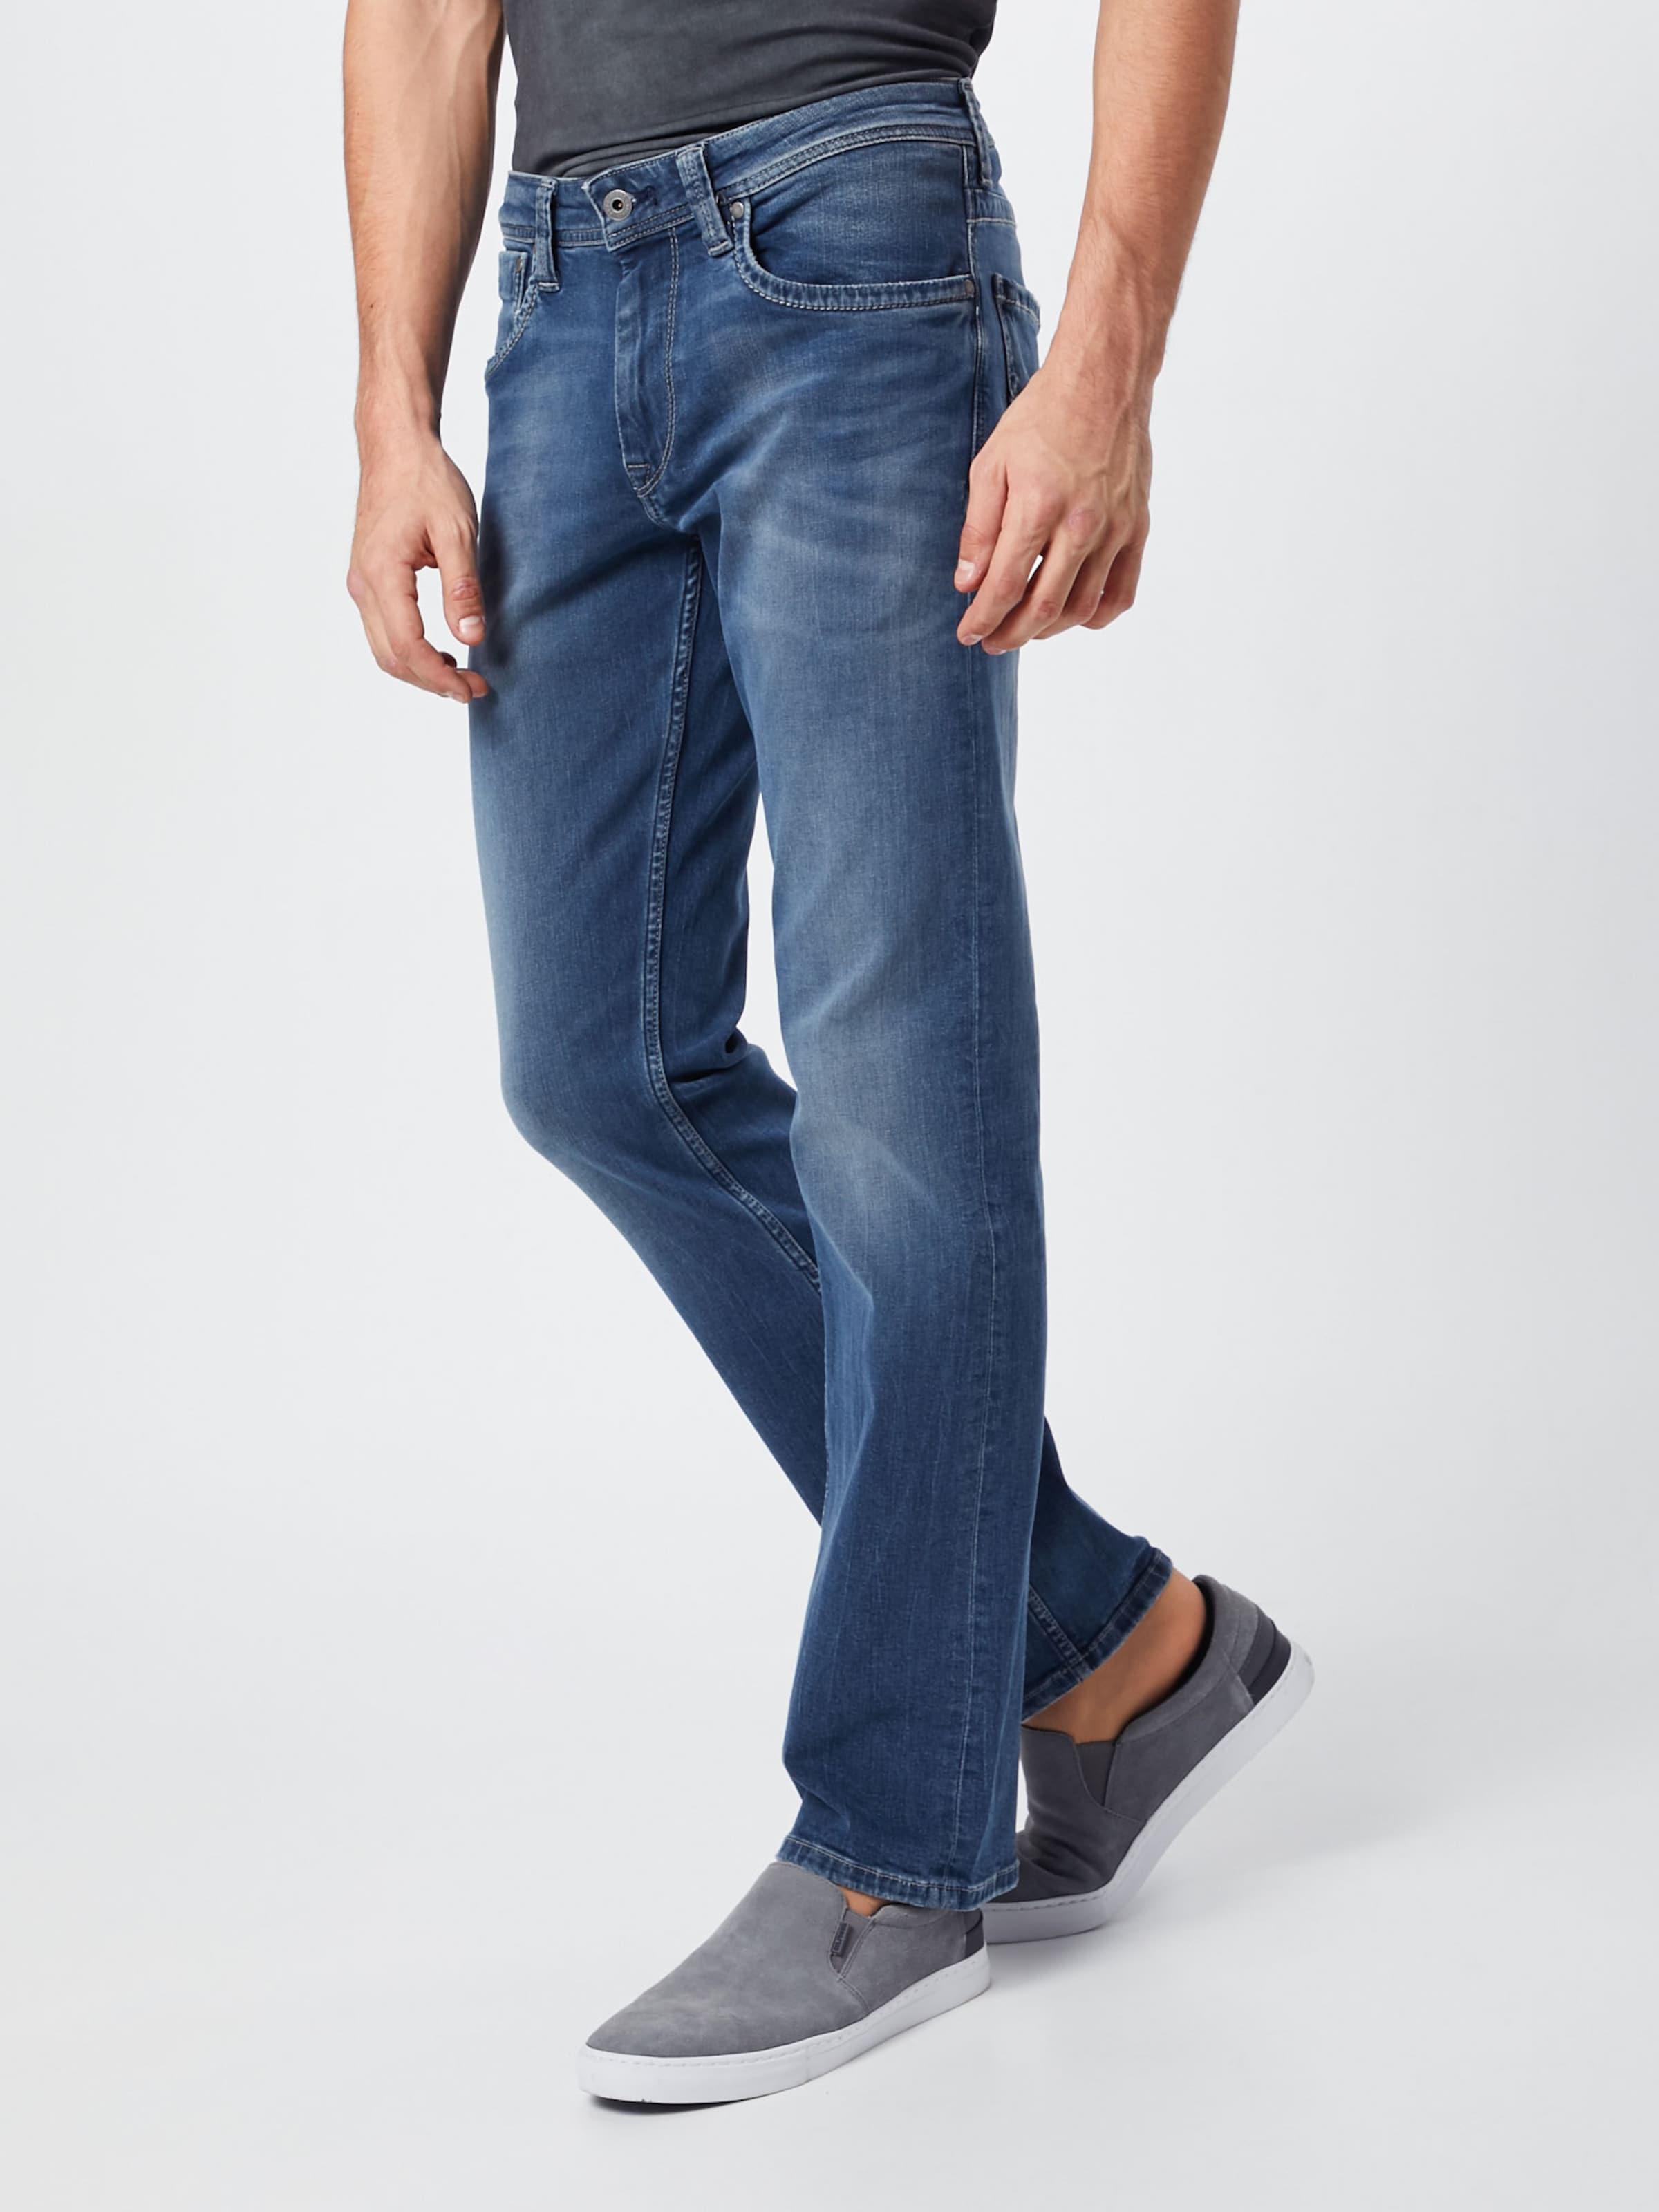 Jeans Jean En Pepe Bleu Denim eCxdBoWr